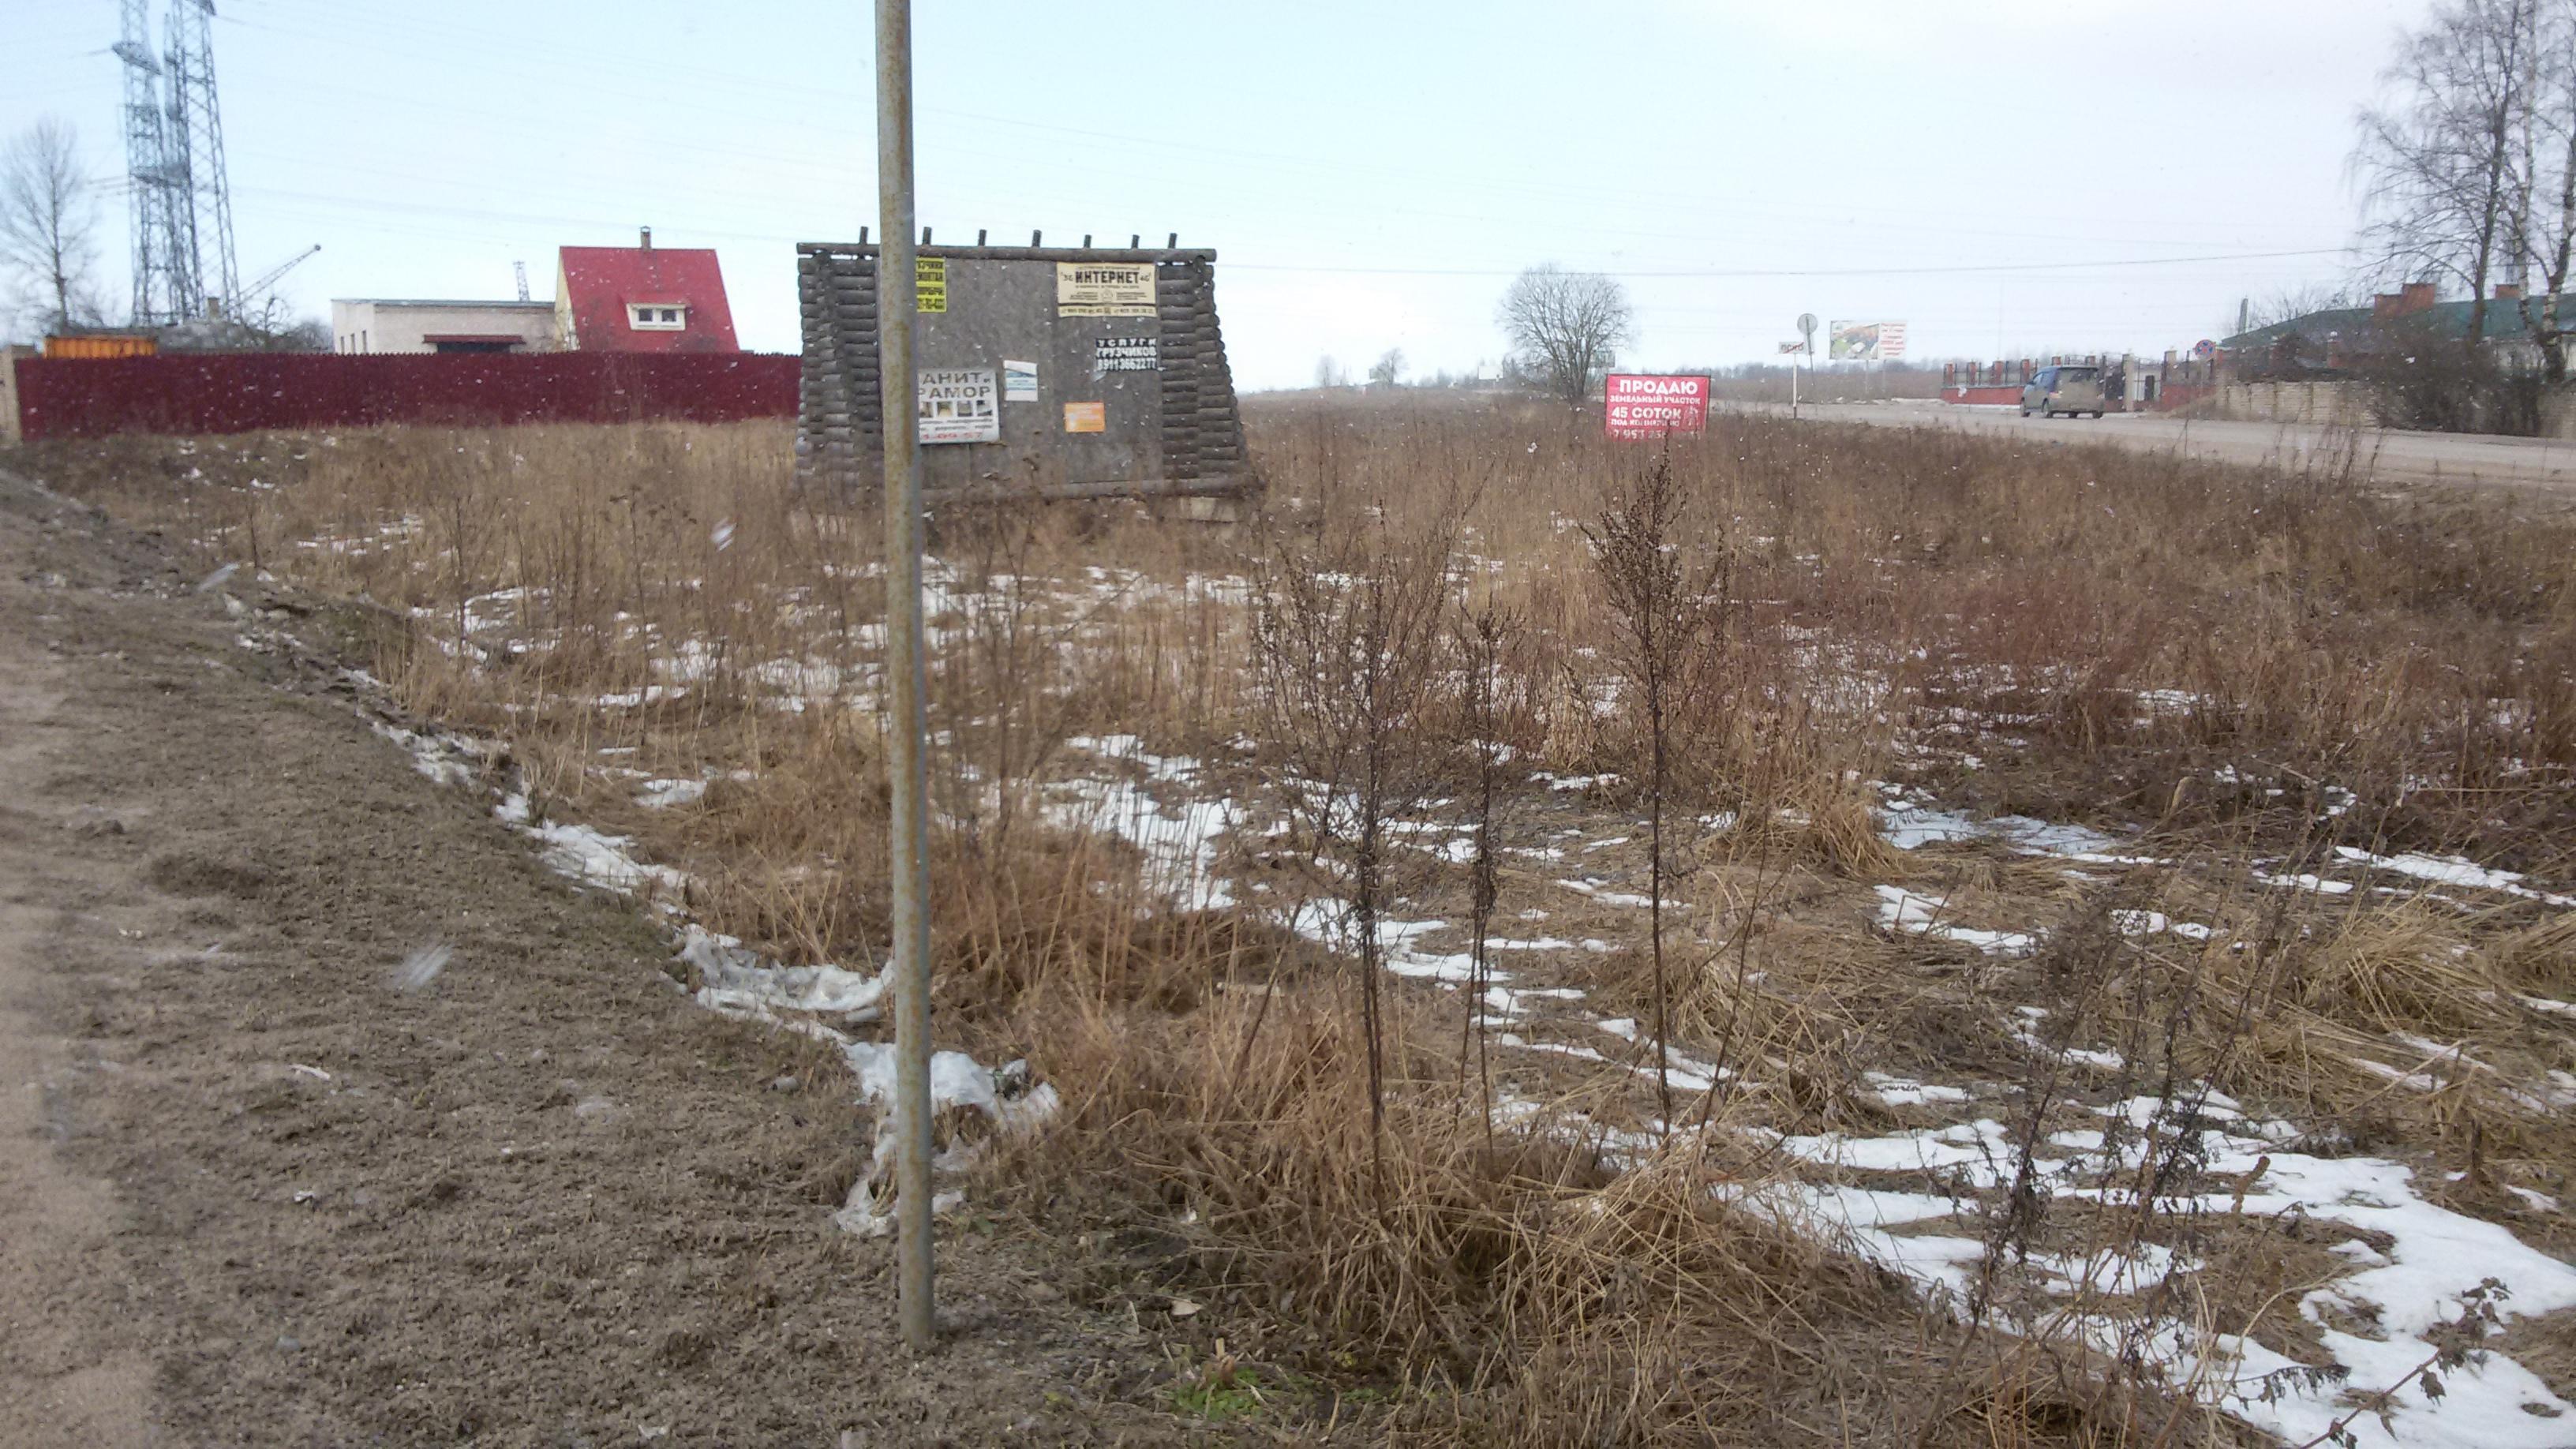 Земельный участок 15 соток на пересечении ул. Ижорского батальона и дороги в д. Хотицы